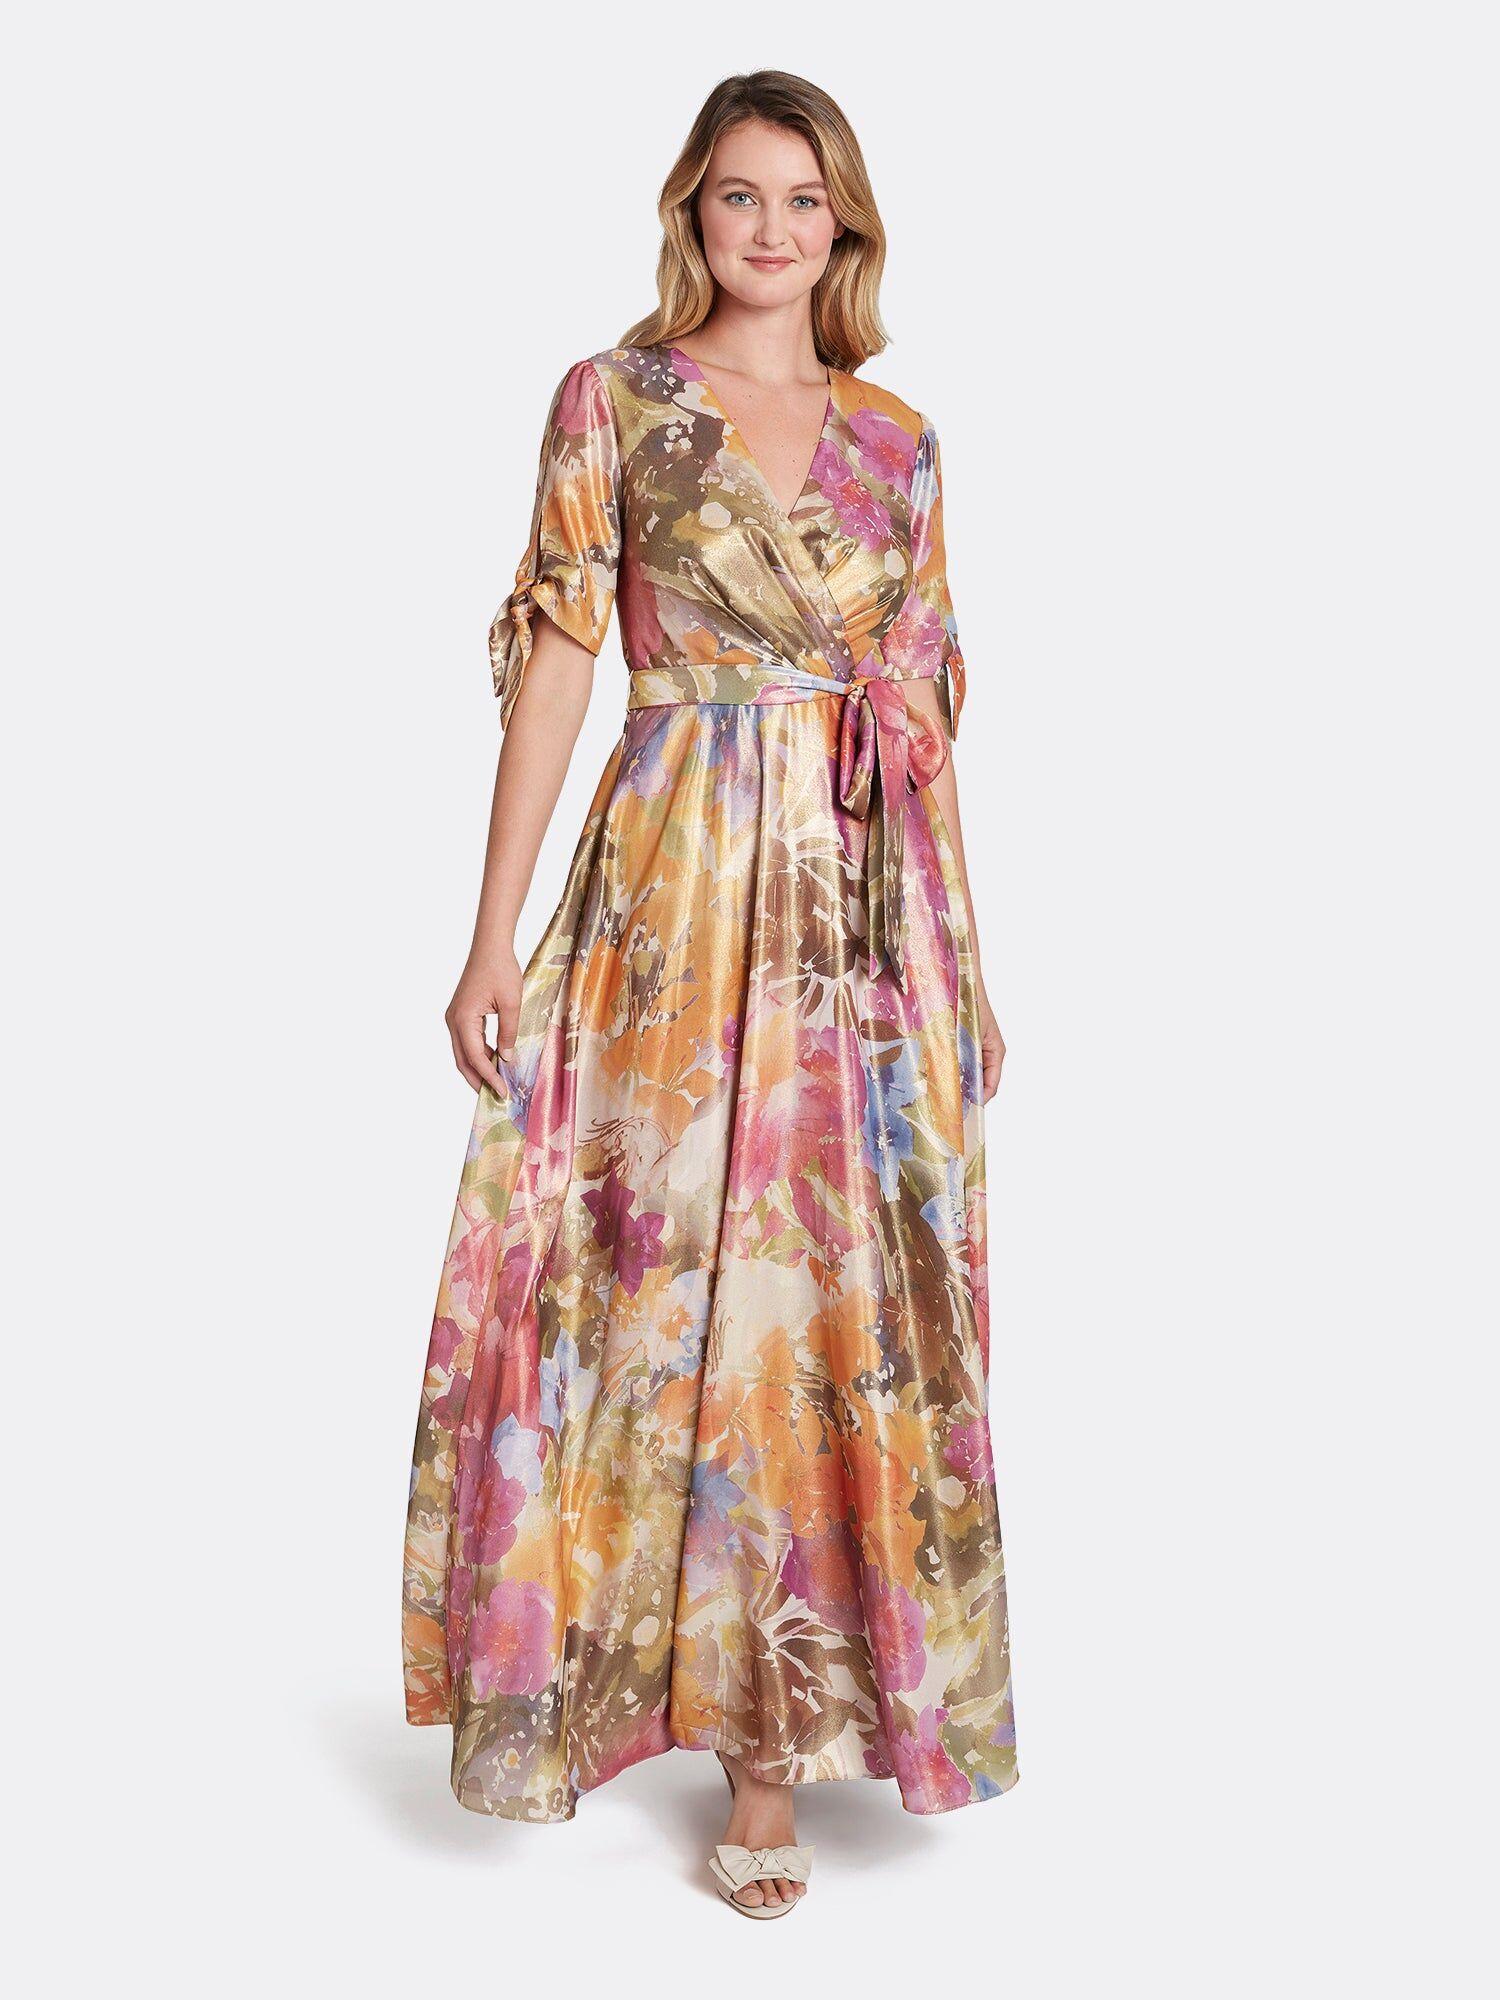 Tahari ASL Floral Tie-Sleeve Gown Wild Aster Garden Size: 4 Georgette